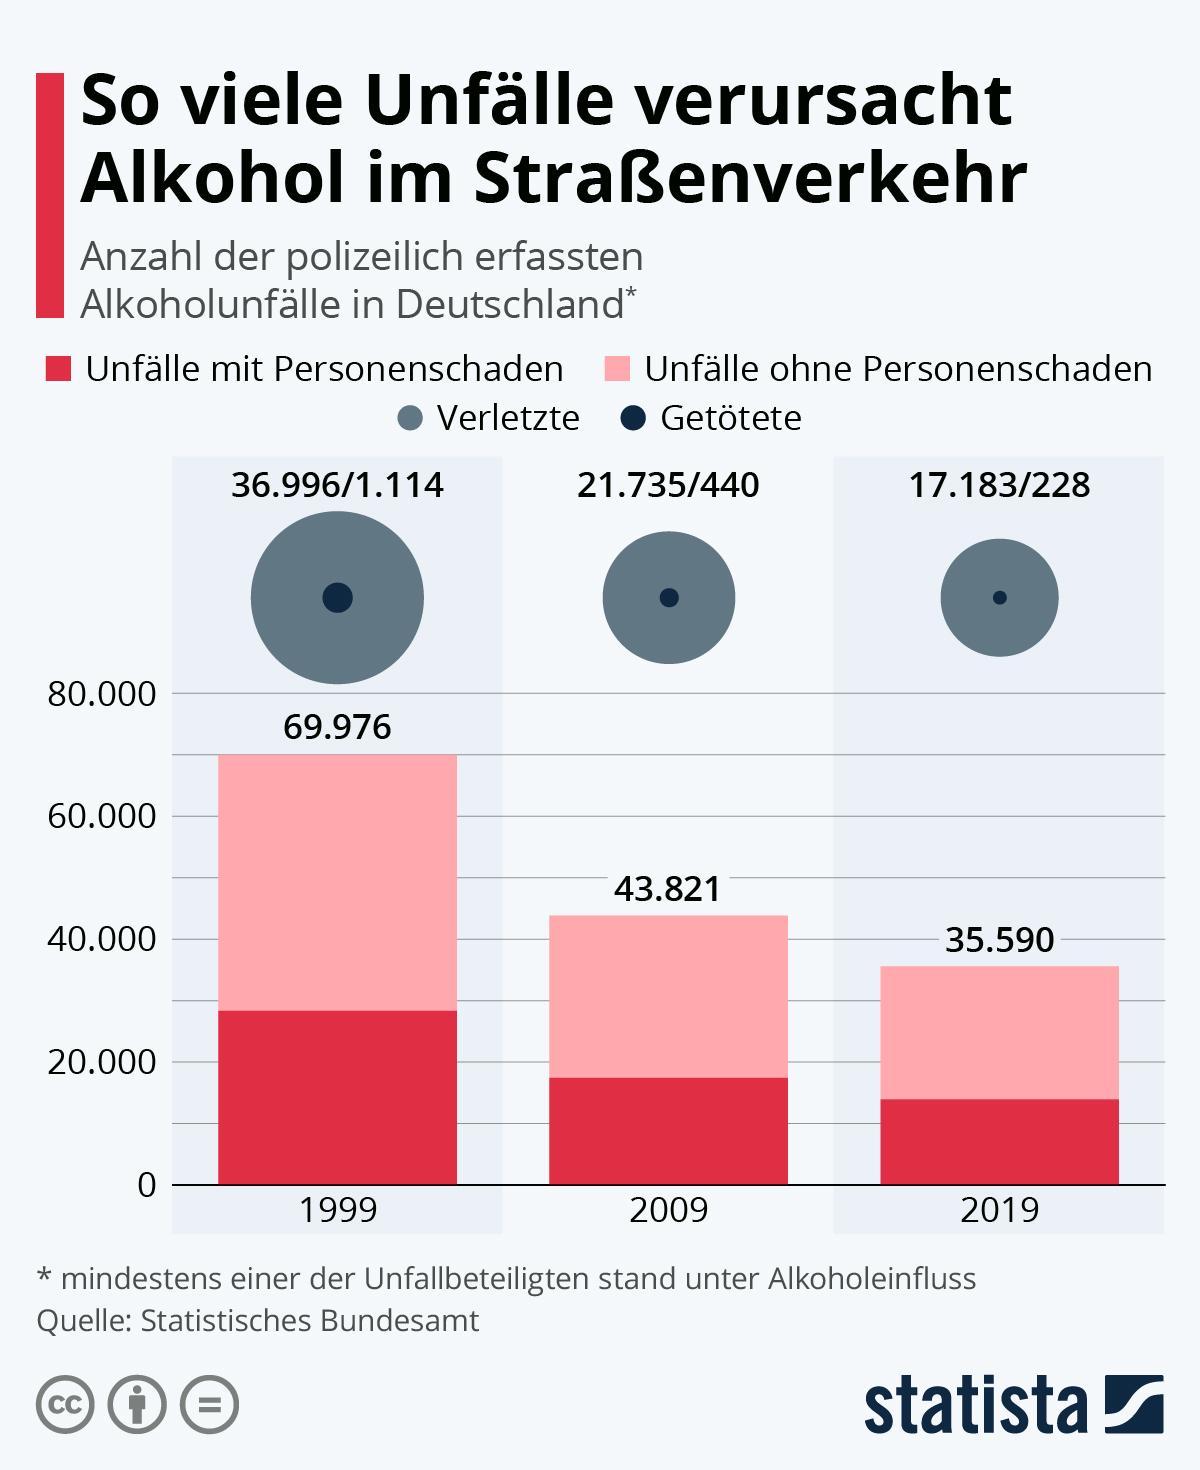 So viele Unfälle verursacht Alkohol im Straßenverkehr | Statista